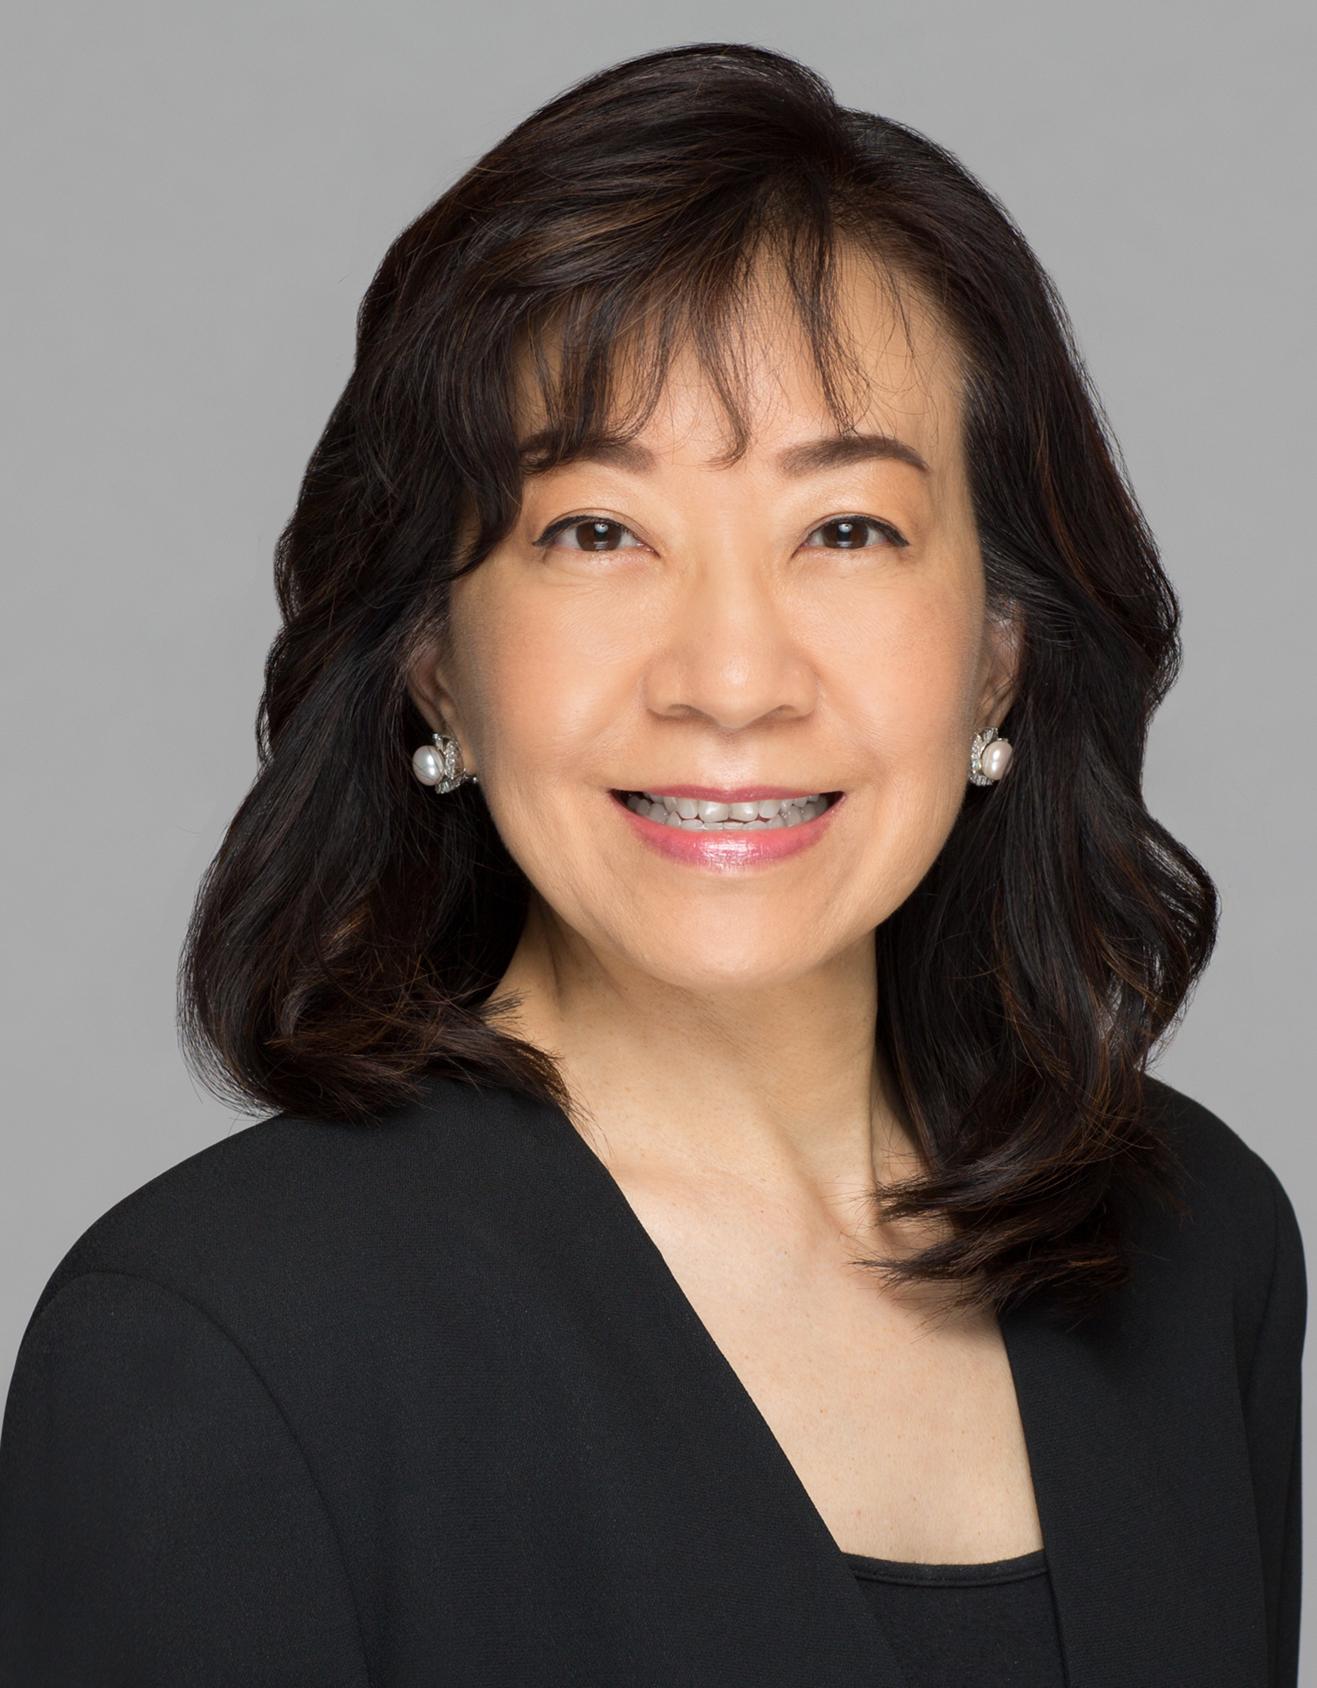 Jenny M. Chen